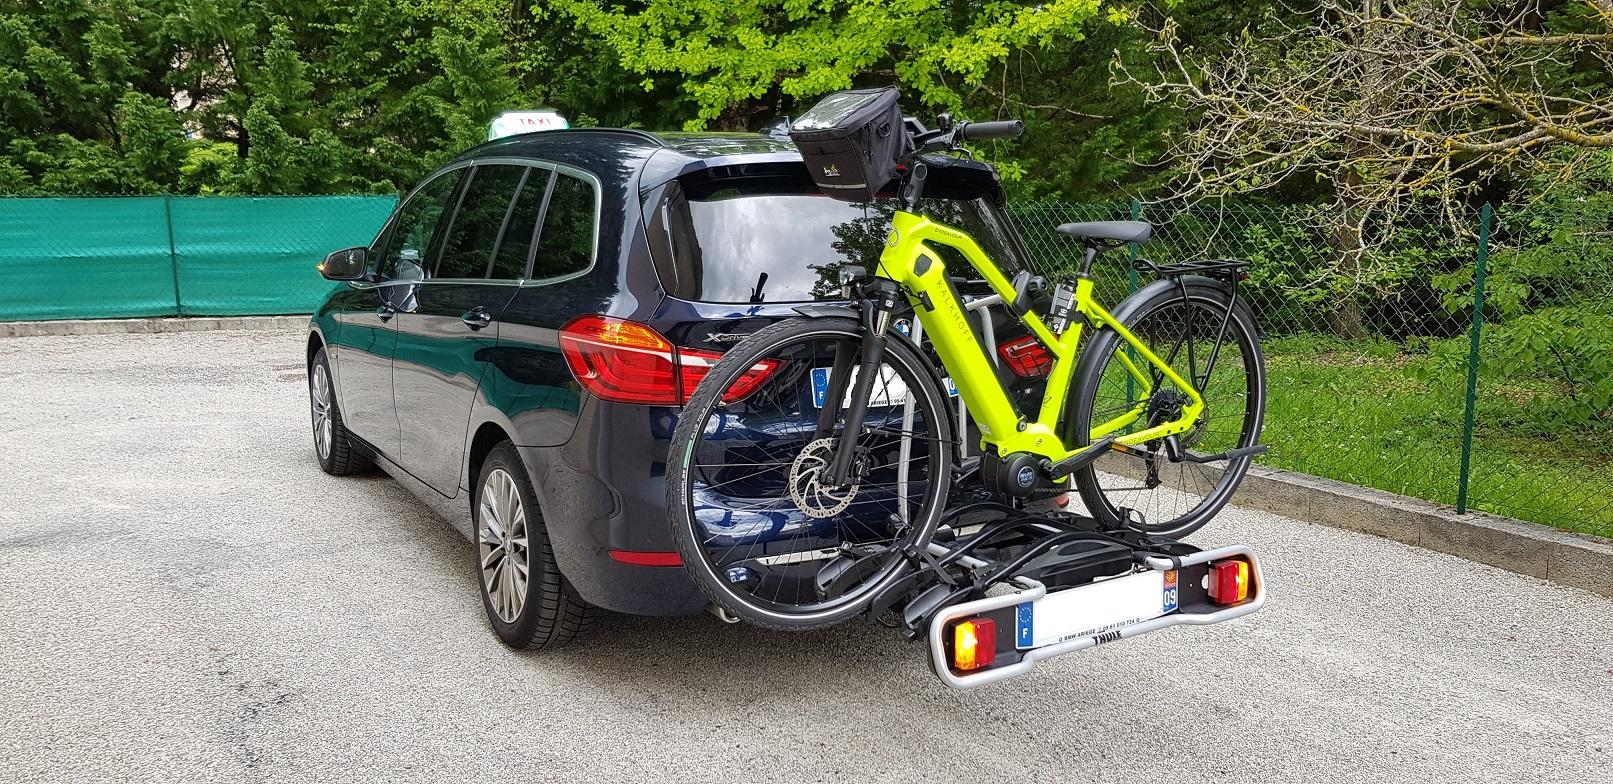 Porte 3 vélos THULE adaptable uniquement sur BMW X3